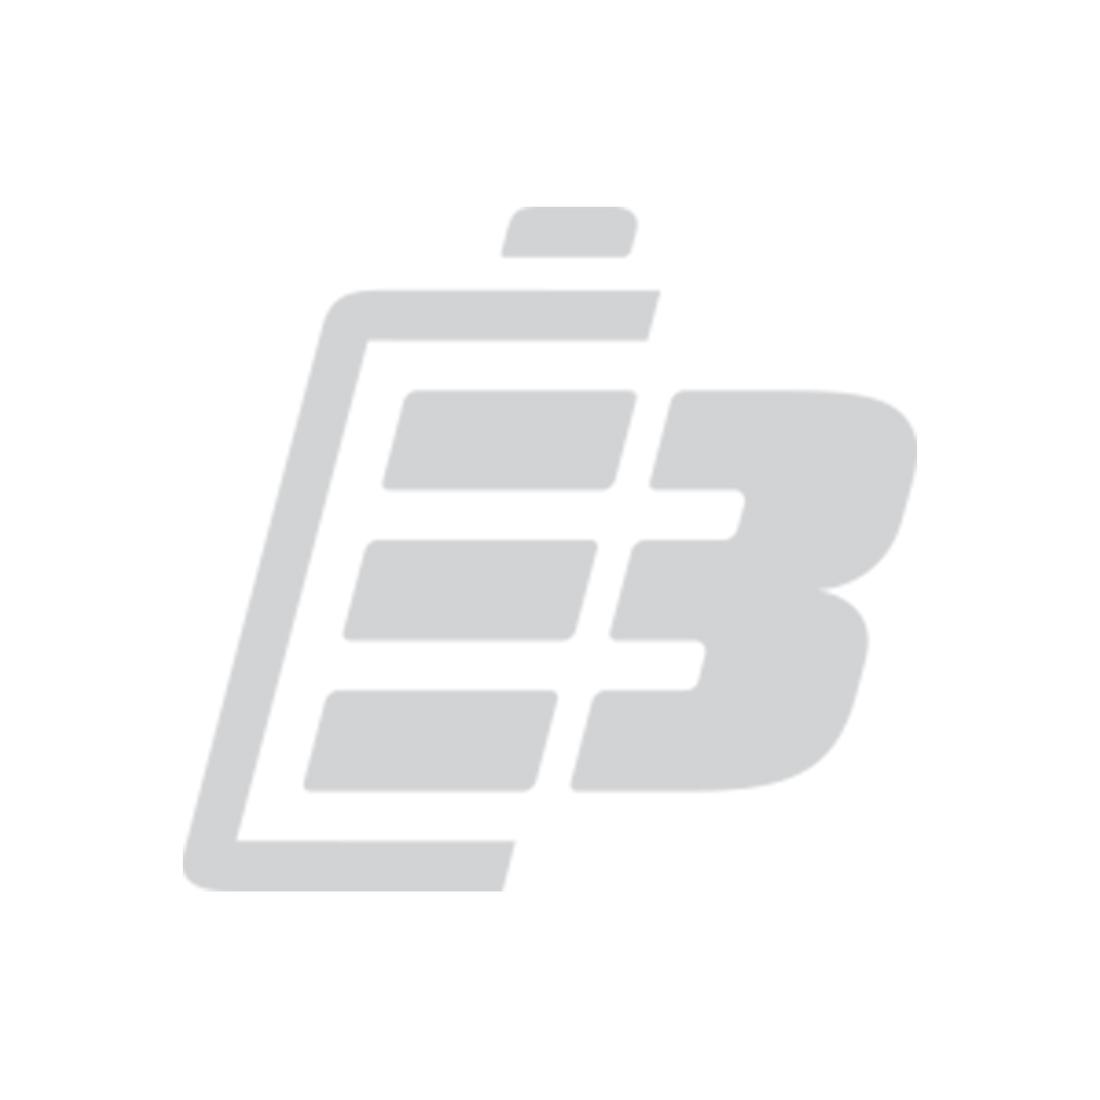 Τροφοδοτικό Laptop για Dell 19V 90W_1